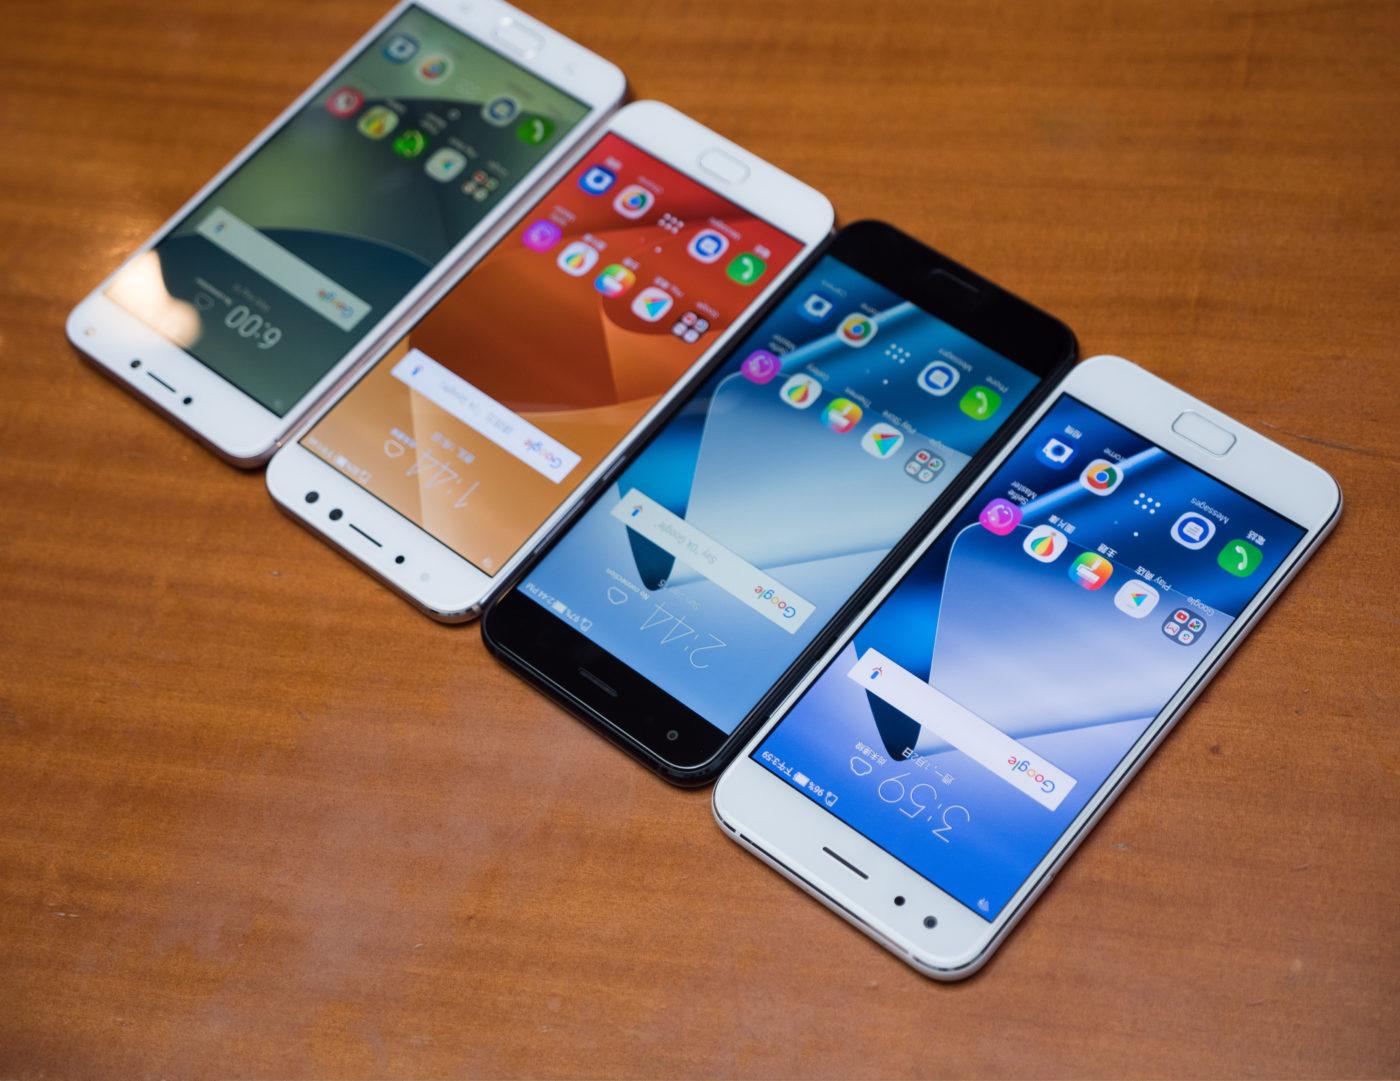 完整規格表!整理一次看完 ZenFone 4 / ZenFone 4 Pro / ZenFone 4 Selfie Pro @3C 達人廖阿輝